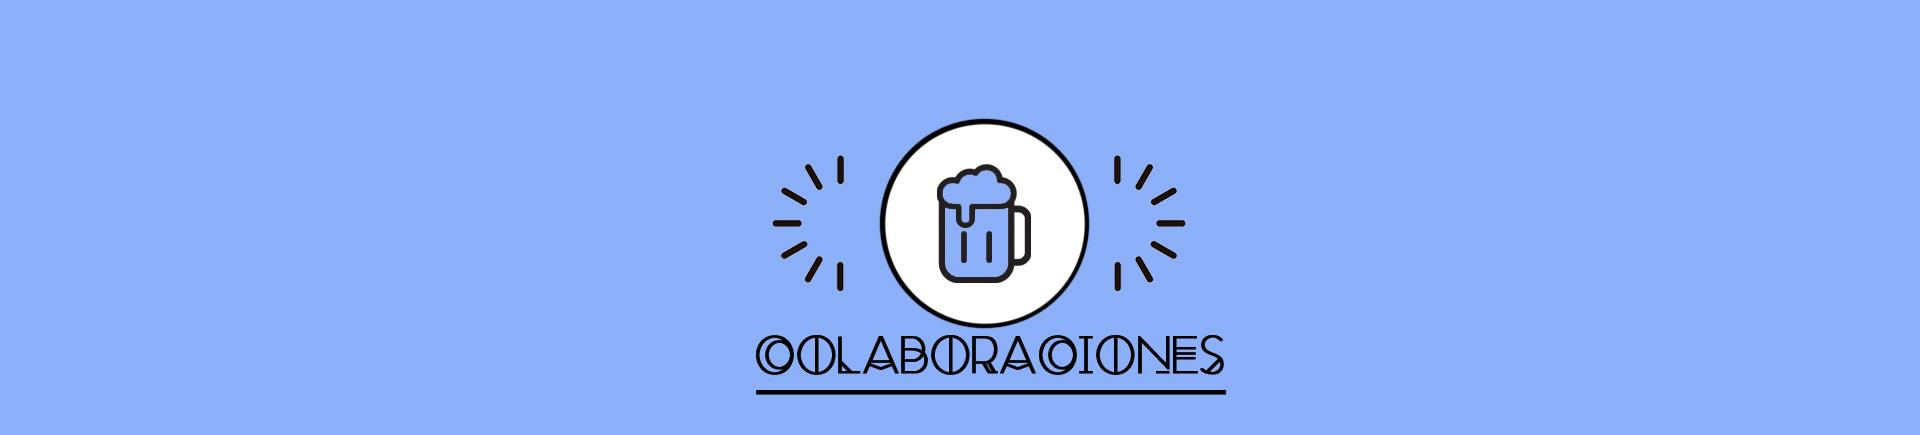 banner colaboraciones